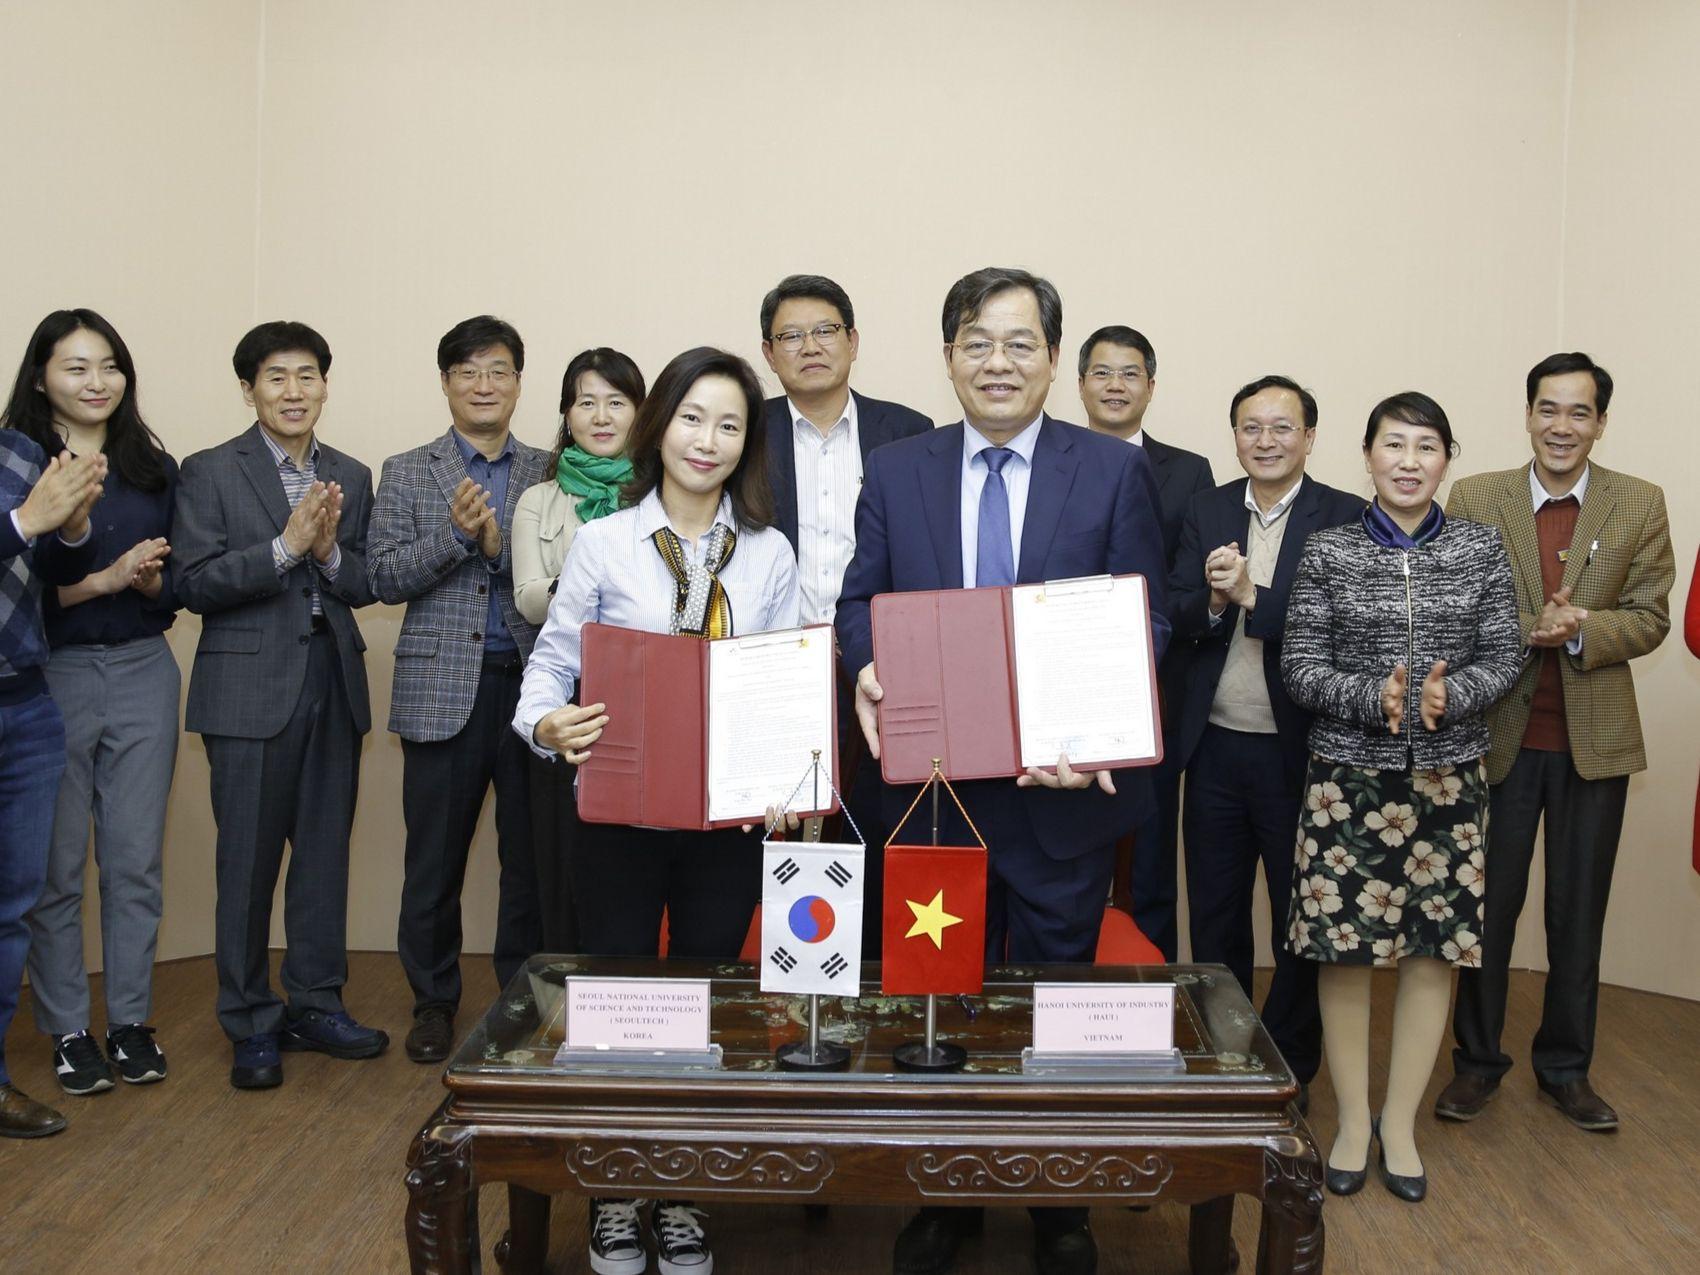 Ký kết Biên bản ghi nhớ với Đại học Khoa học và Công nghệ Quốc gia Seoul - Hàn Quốc